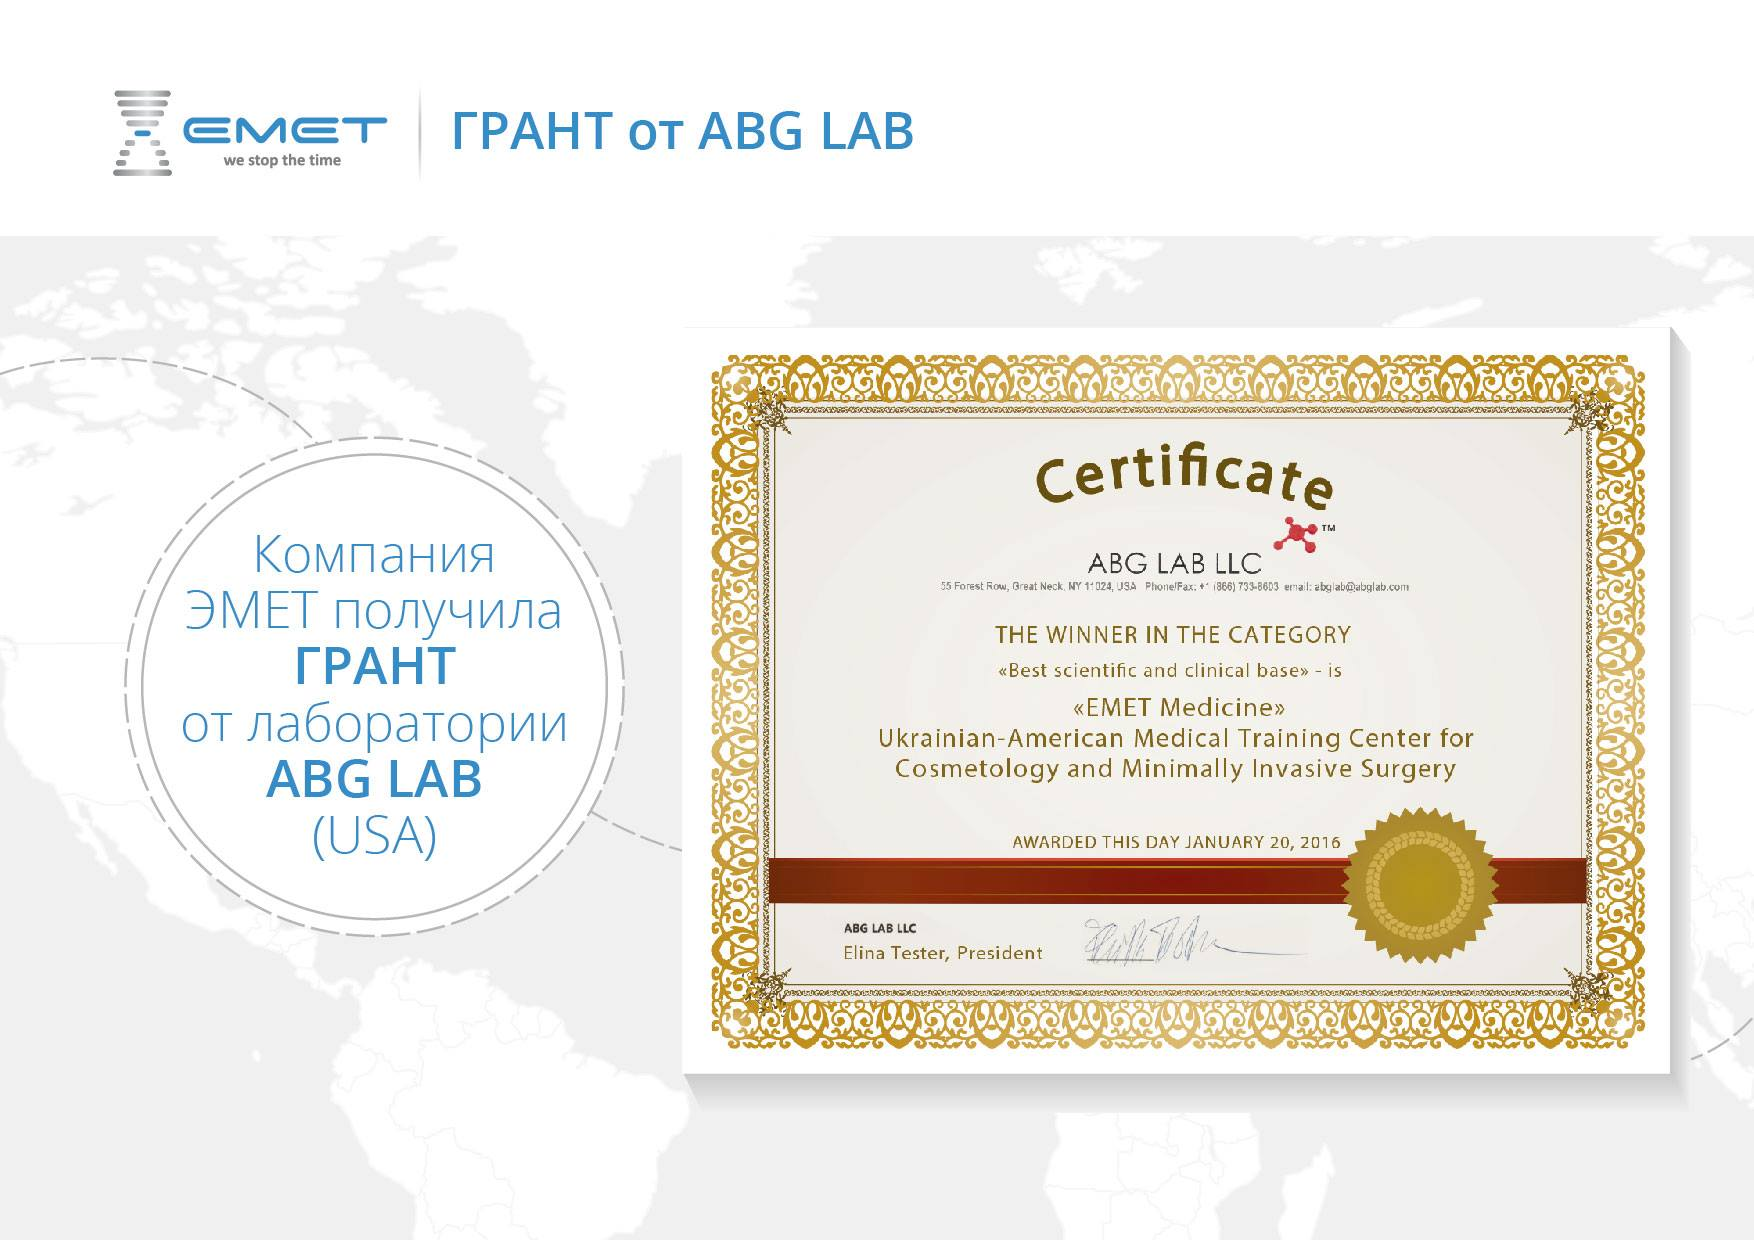 Компания «Эмет» получила грант от лаборатории ABG LAB (USA) на Emet - фото 12525557_347648078692372_3566925505354753191_o